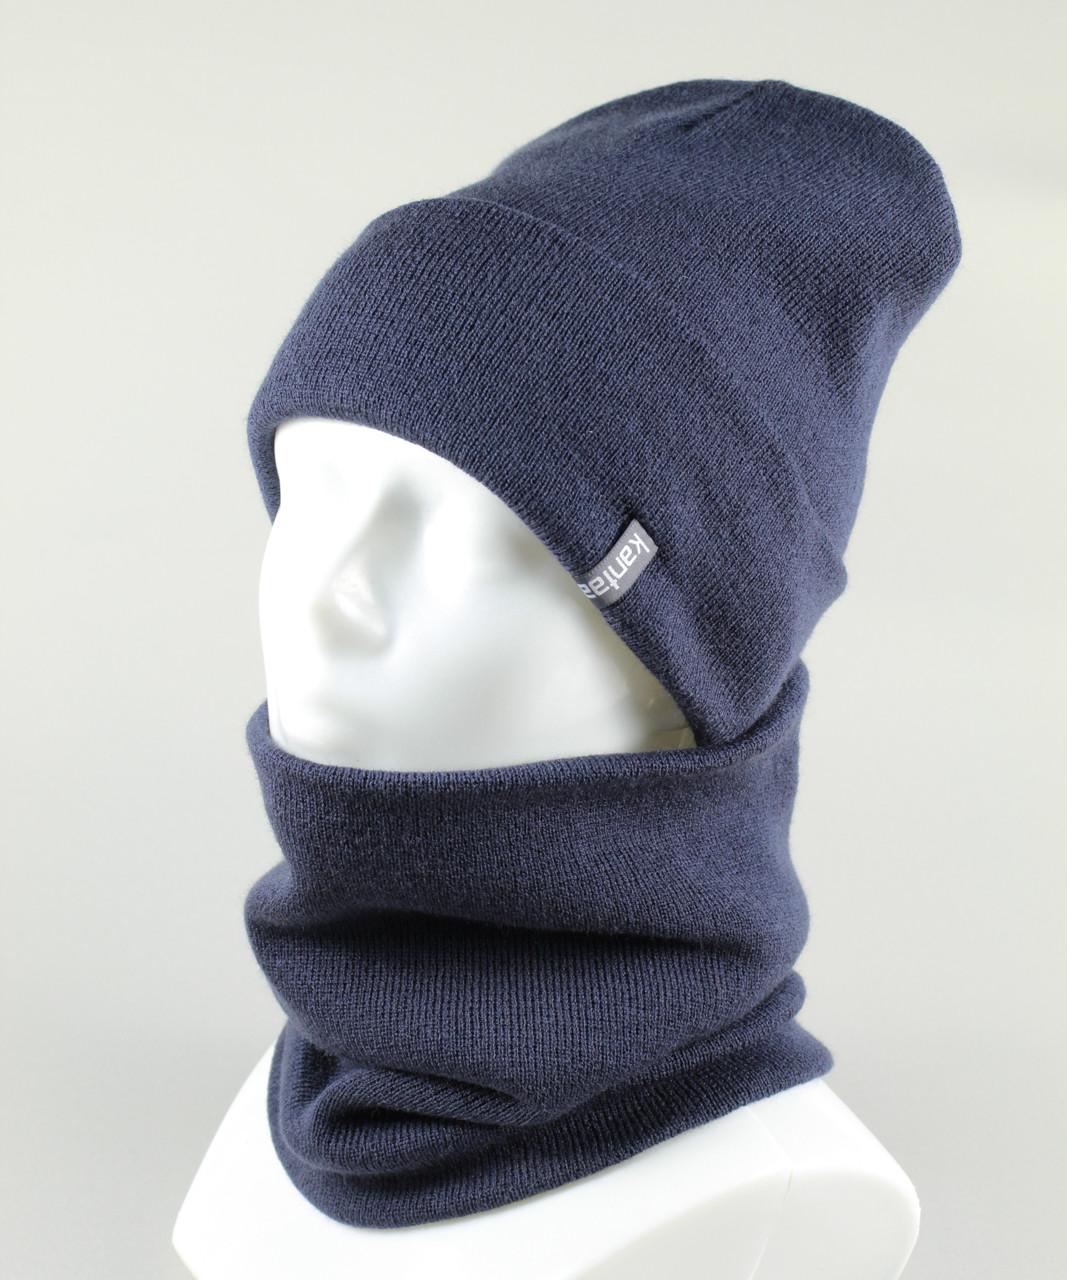 Комплект шапка-шарф вязанный унисекс реплика KANTAA джинс